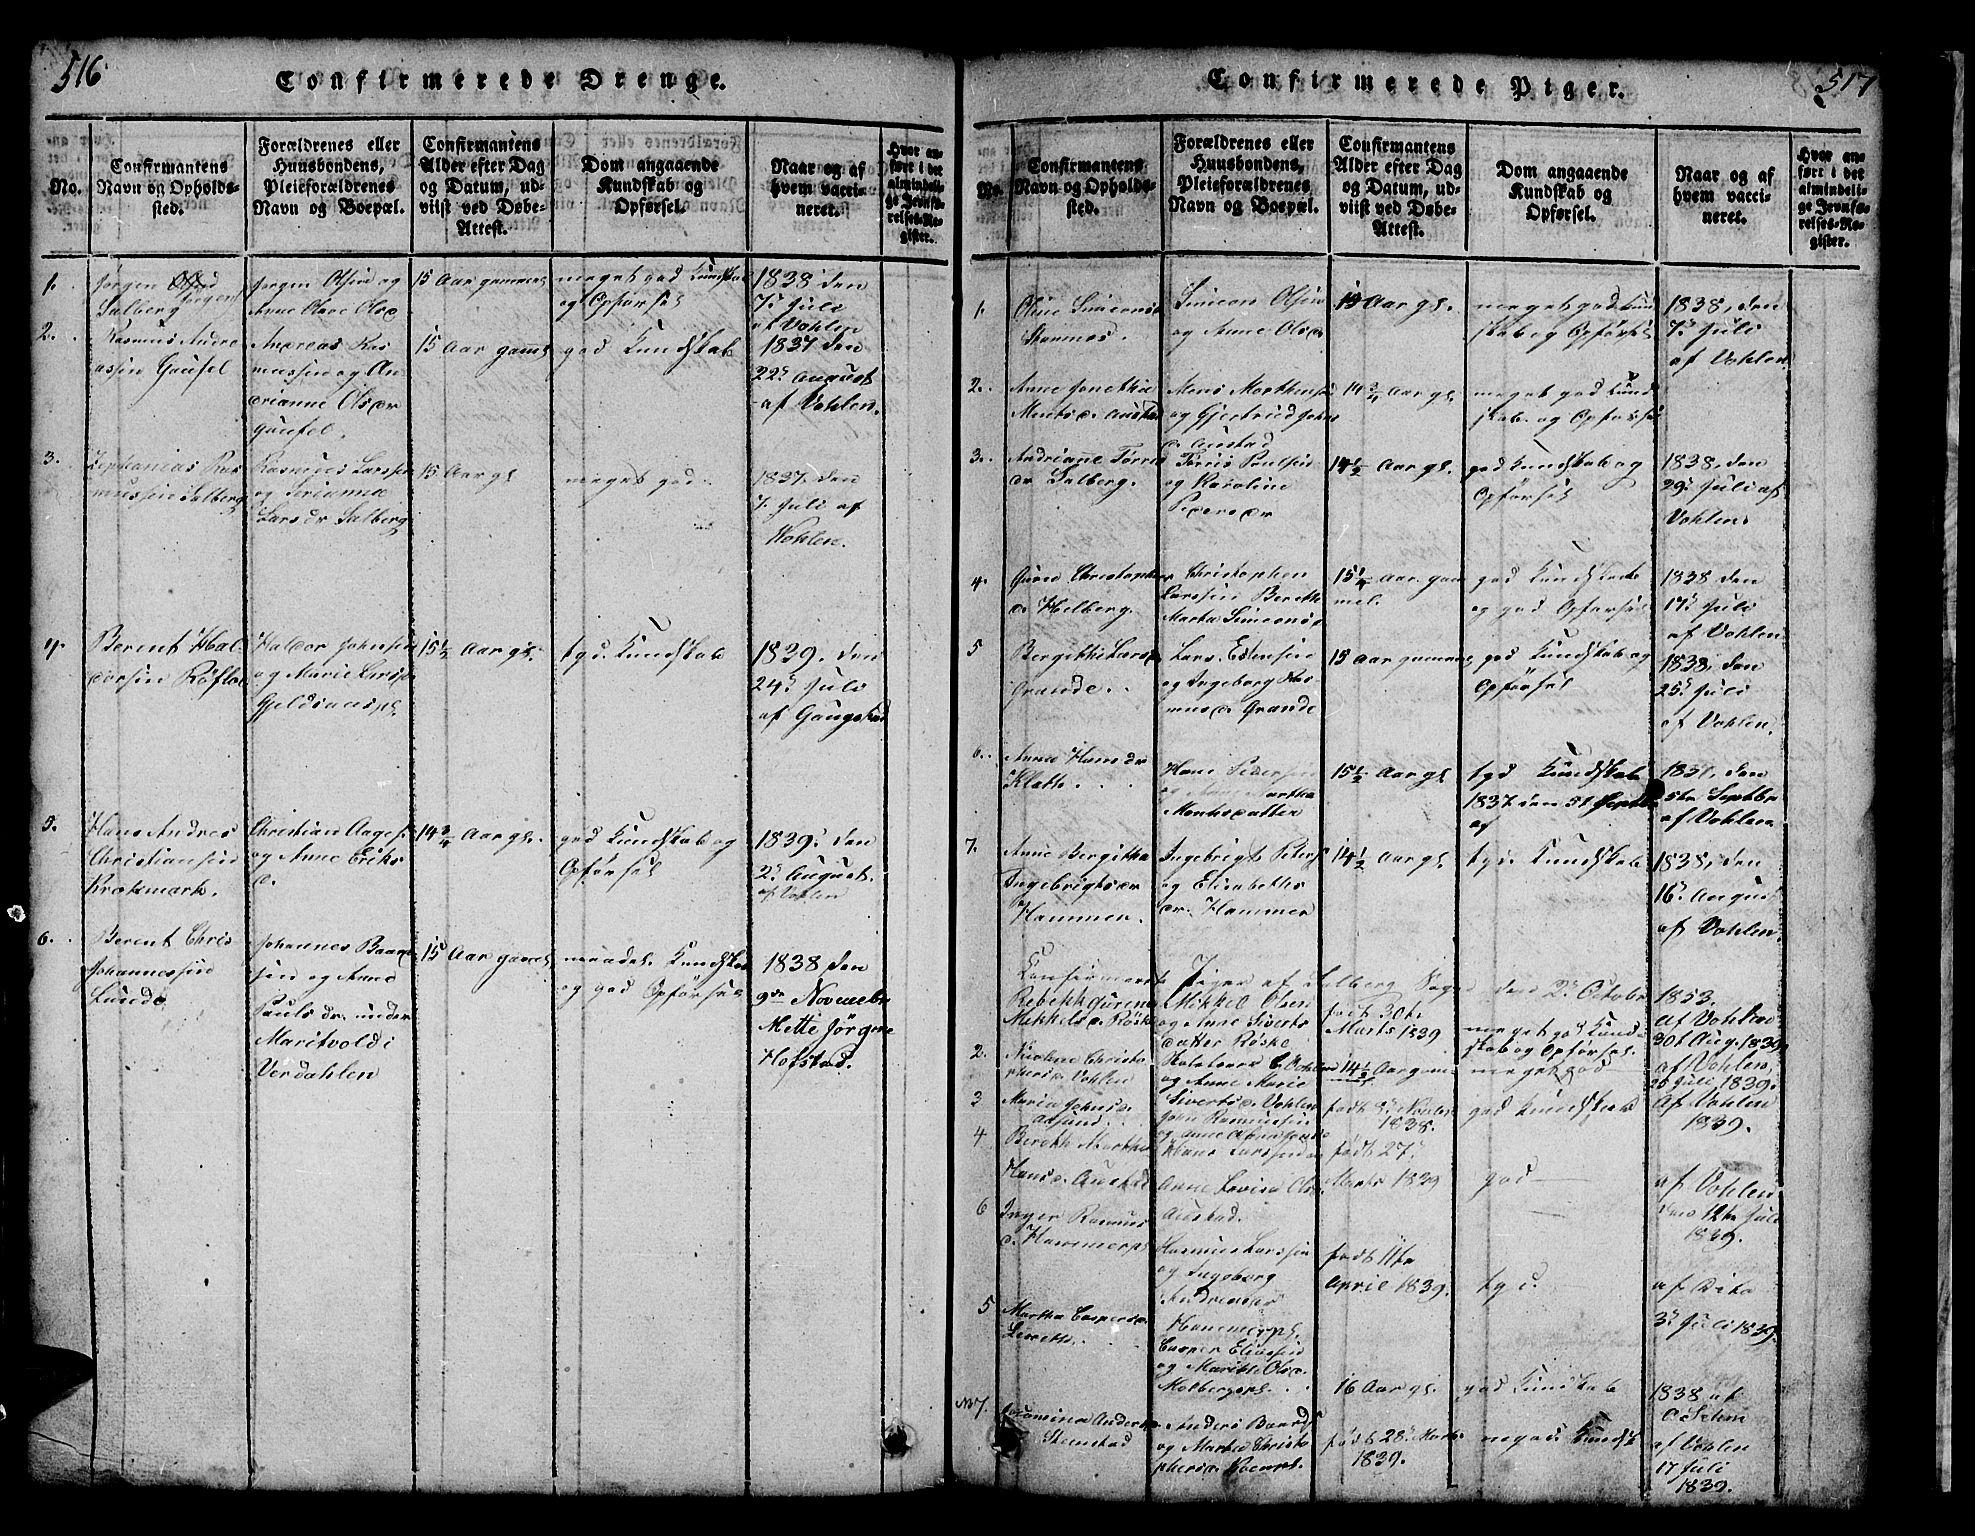 SAT, Ministerialprotokoller, klokkerbøker og fødselsregistre - Nord-Trøndelag, 731/L0310: Klokkerbok nr. 731C01, 1816-1874, s. 516-517